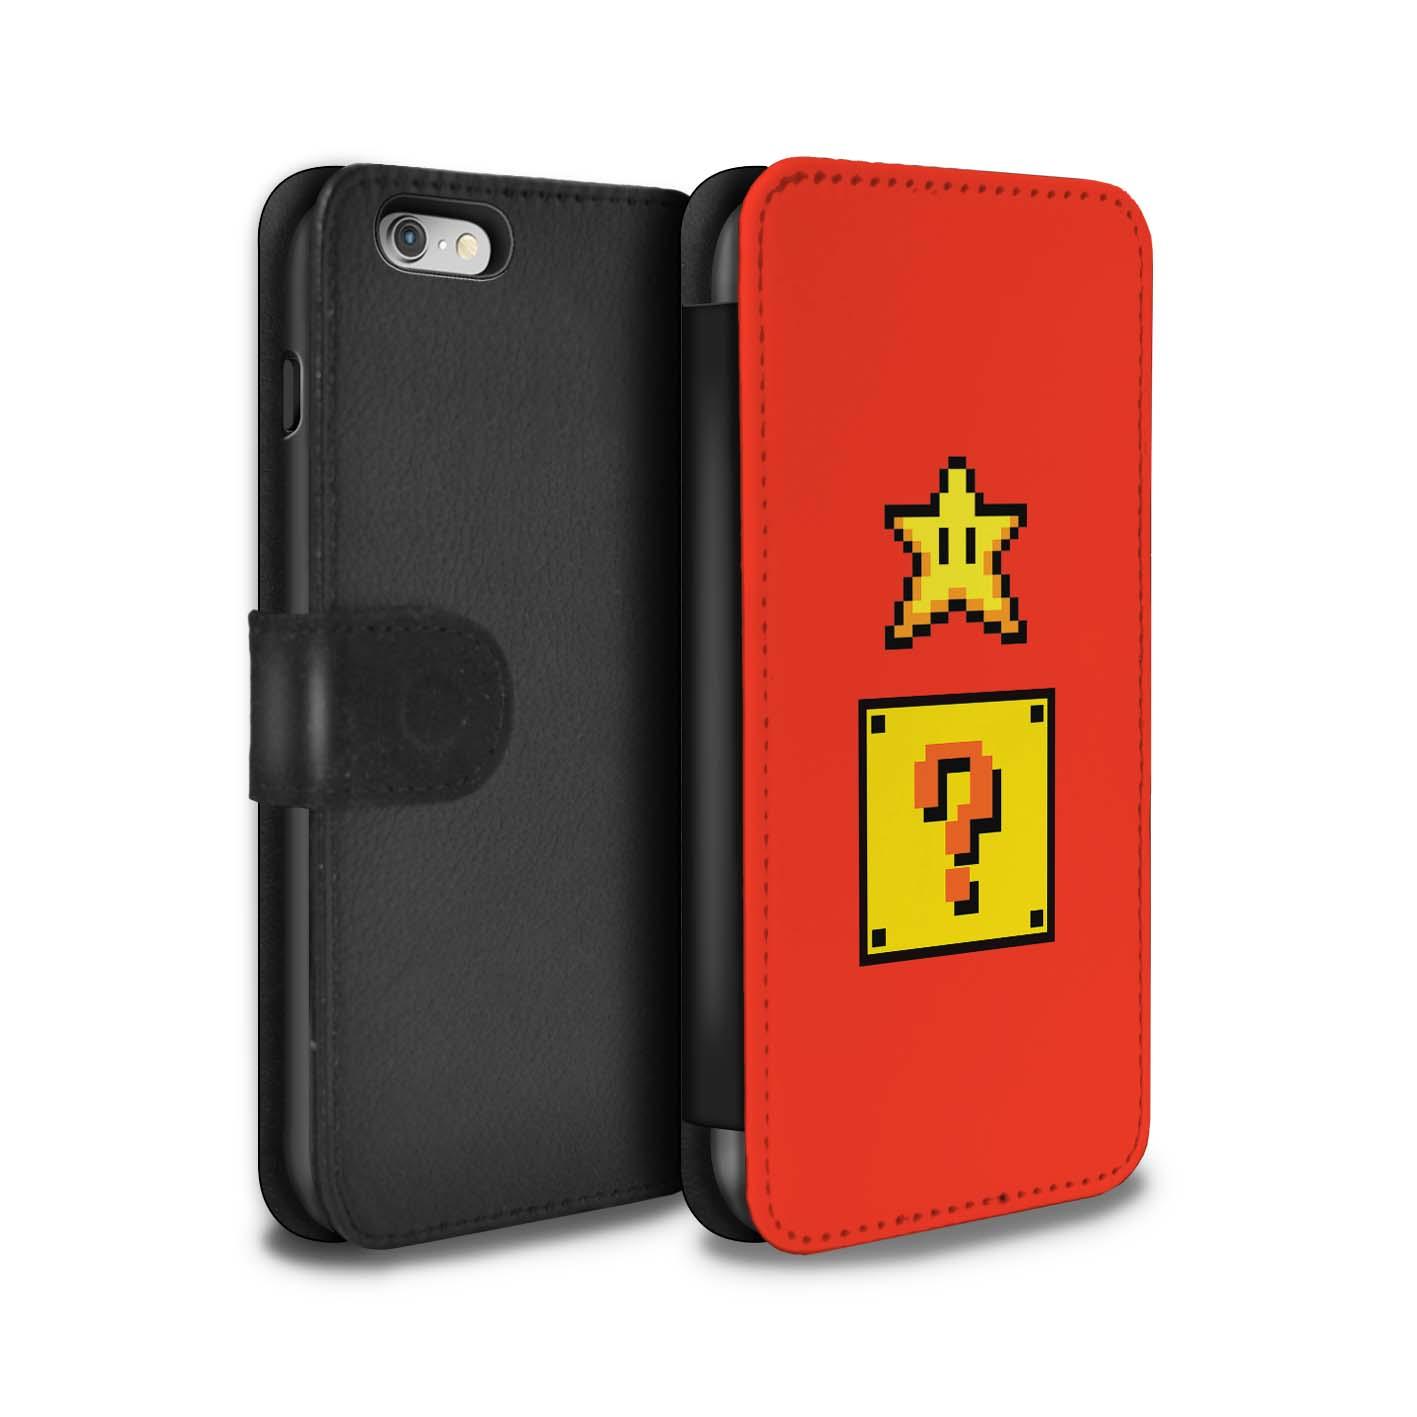 STUFF4-Coque-Etui-Case-Cuir-PU-pour-Apple-iPhone-6-Personnages-Jeu-Retro